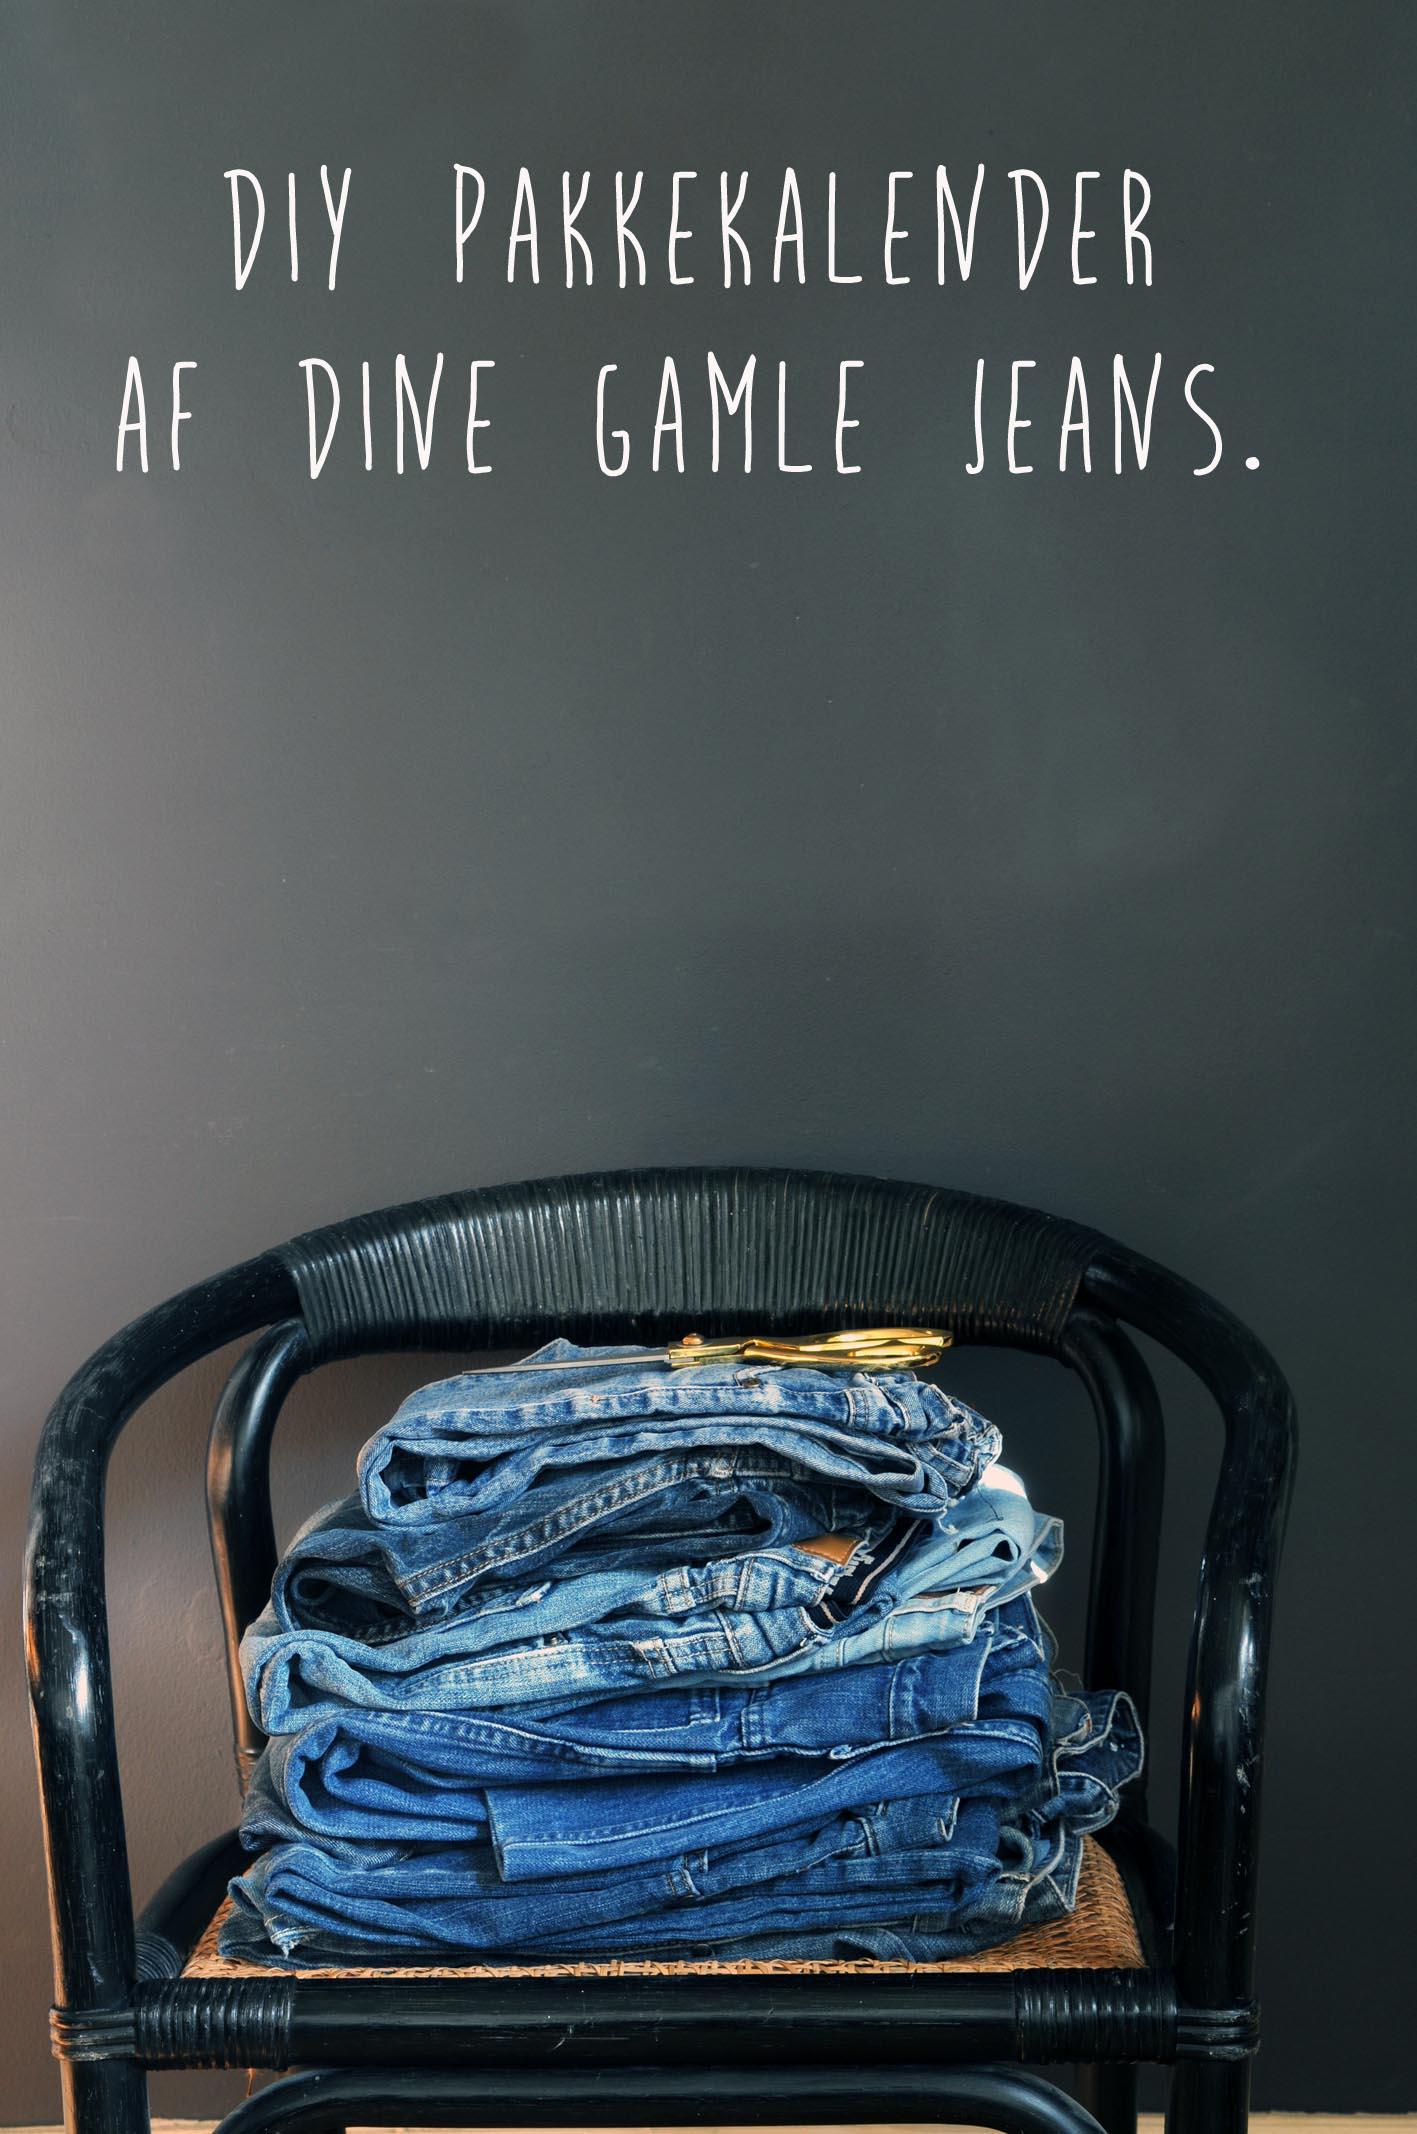 Det er tid til at tænke pakke kalendre, hvis du vil sy den selv...Bliv inspireret til jeans elskeren.